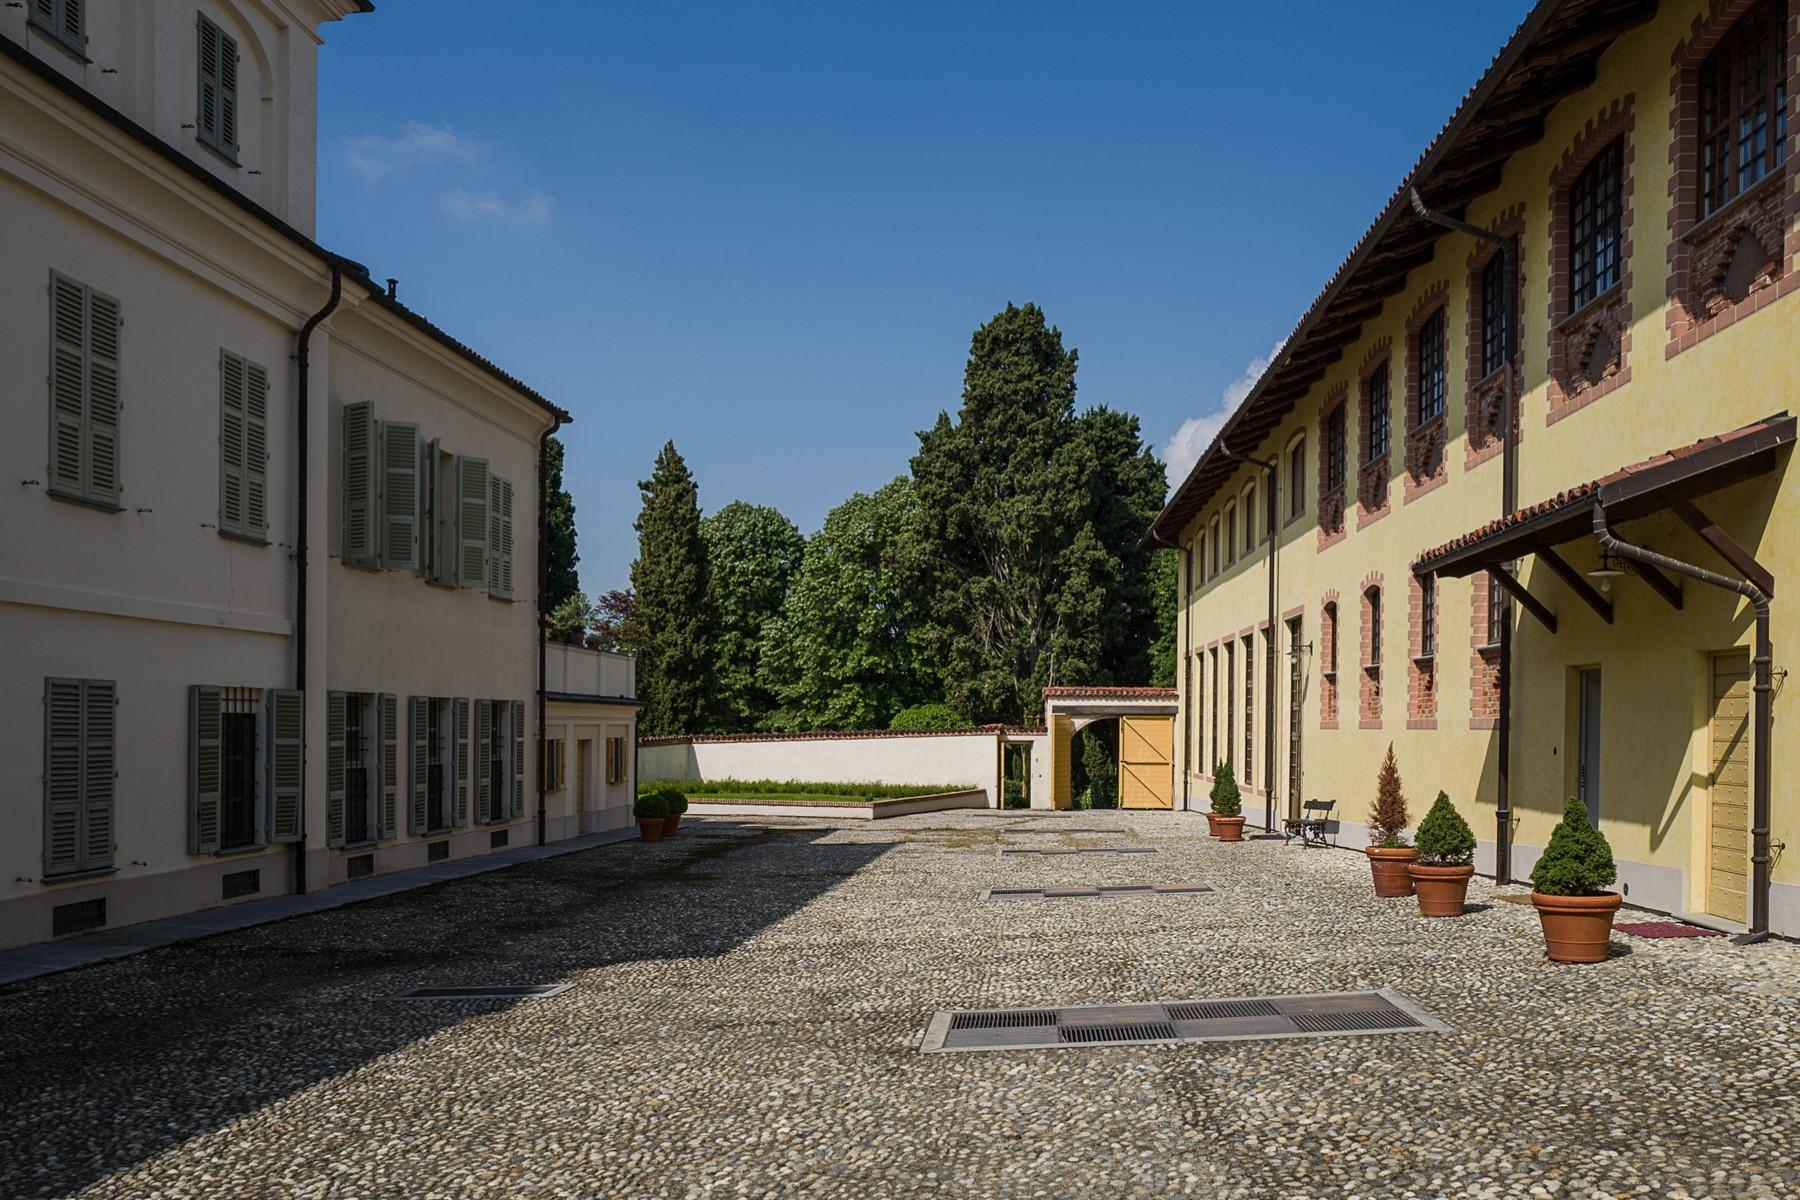 位于d'epoca a Chieri小镇历史悠久别墅内的奢华公寓 - 2